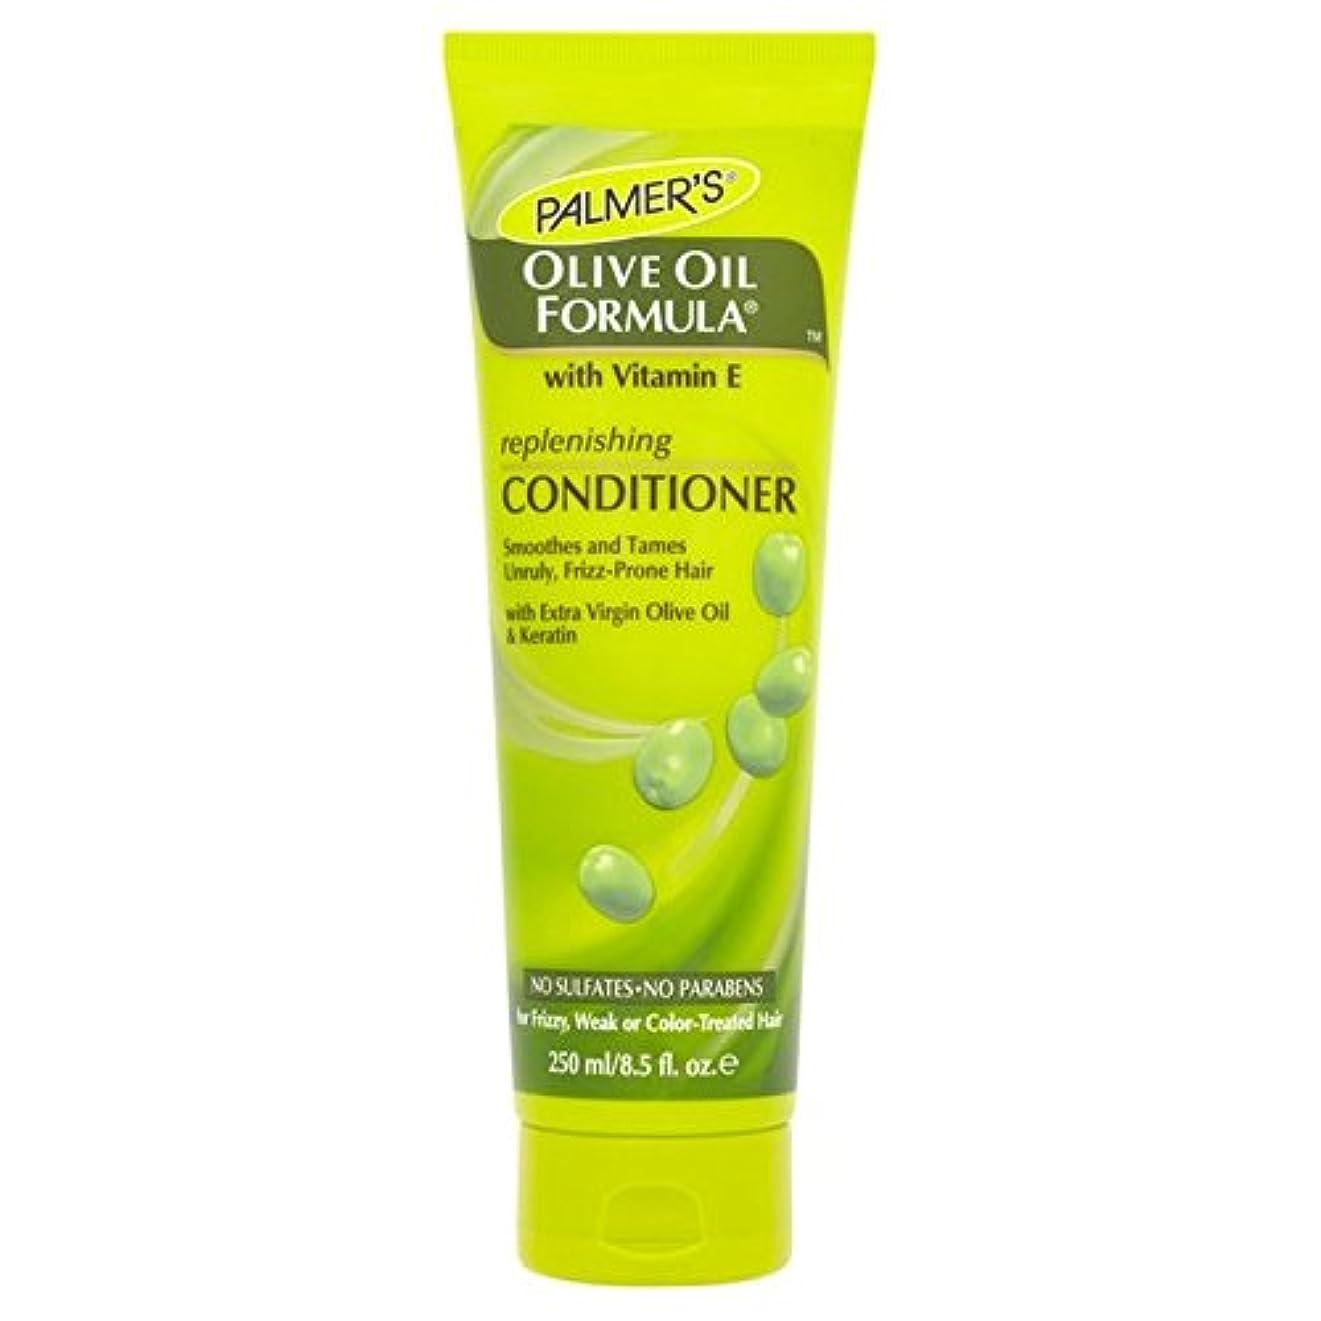 画像後者電子レンジPalmer's Olive Oil Formula Restoring Conditioner 250ml - パーマーのオリーブオイル式リストアコンディショナー250 [並行輸入品]